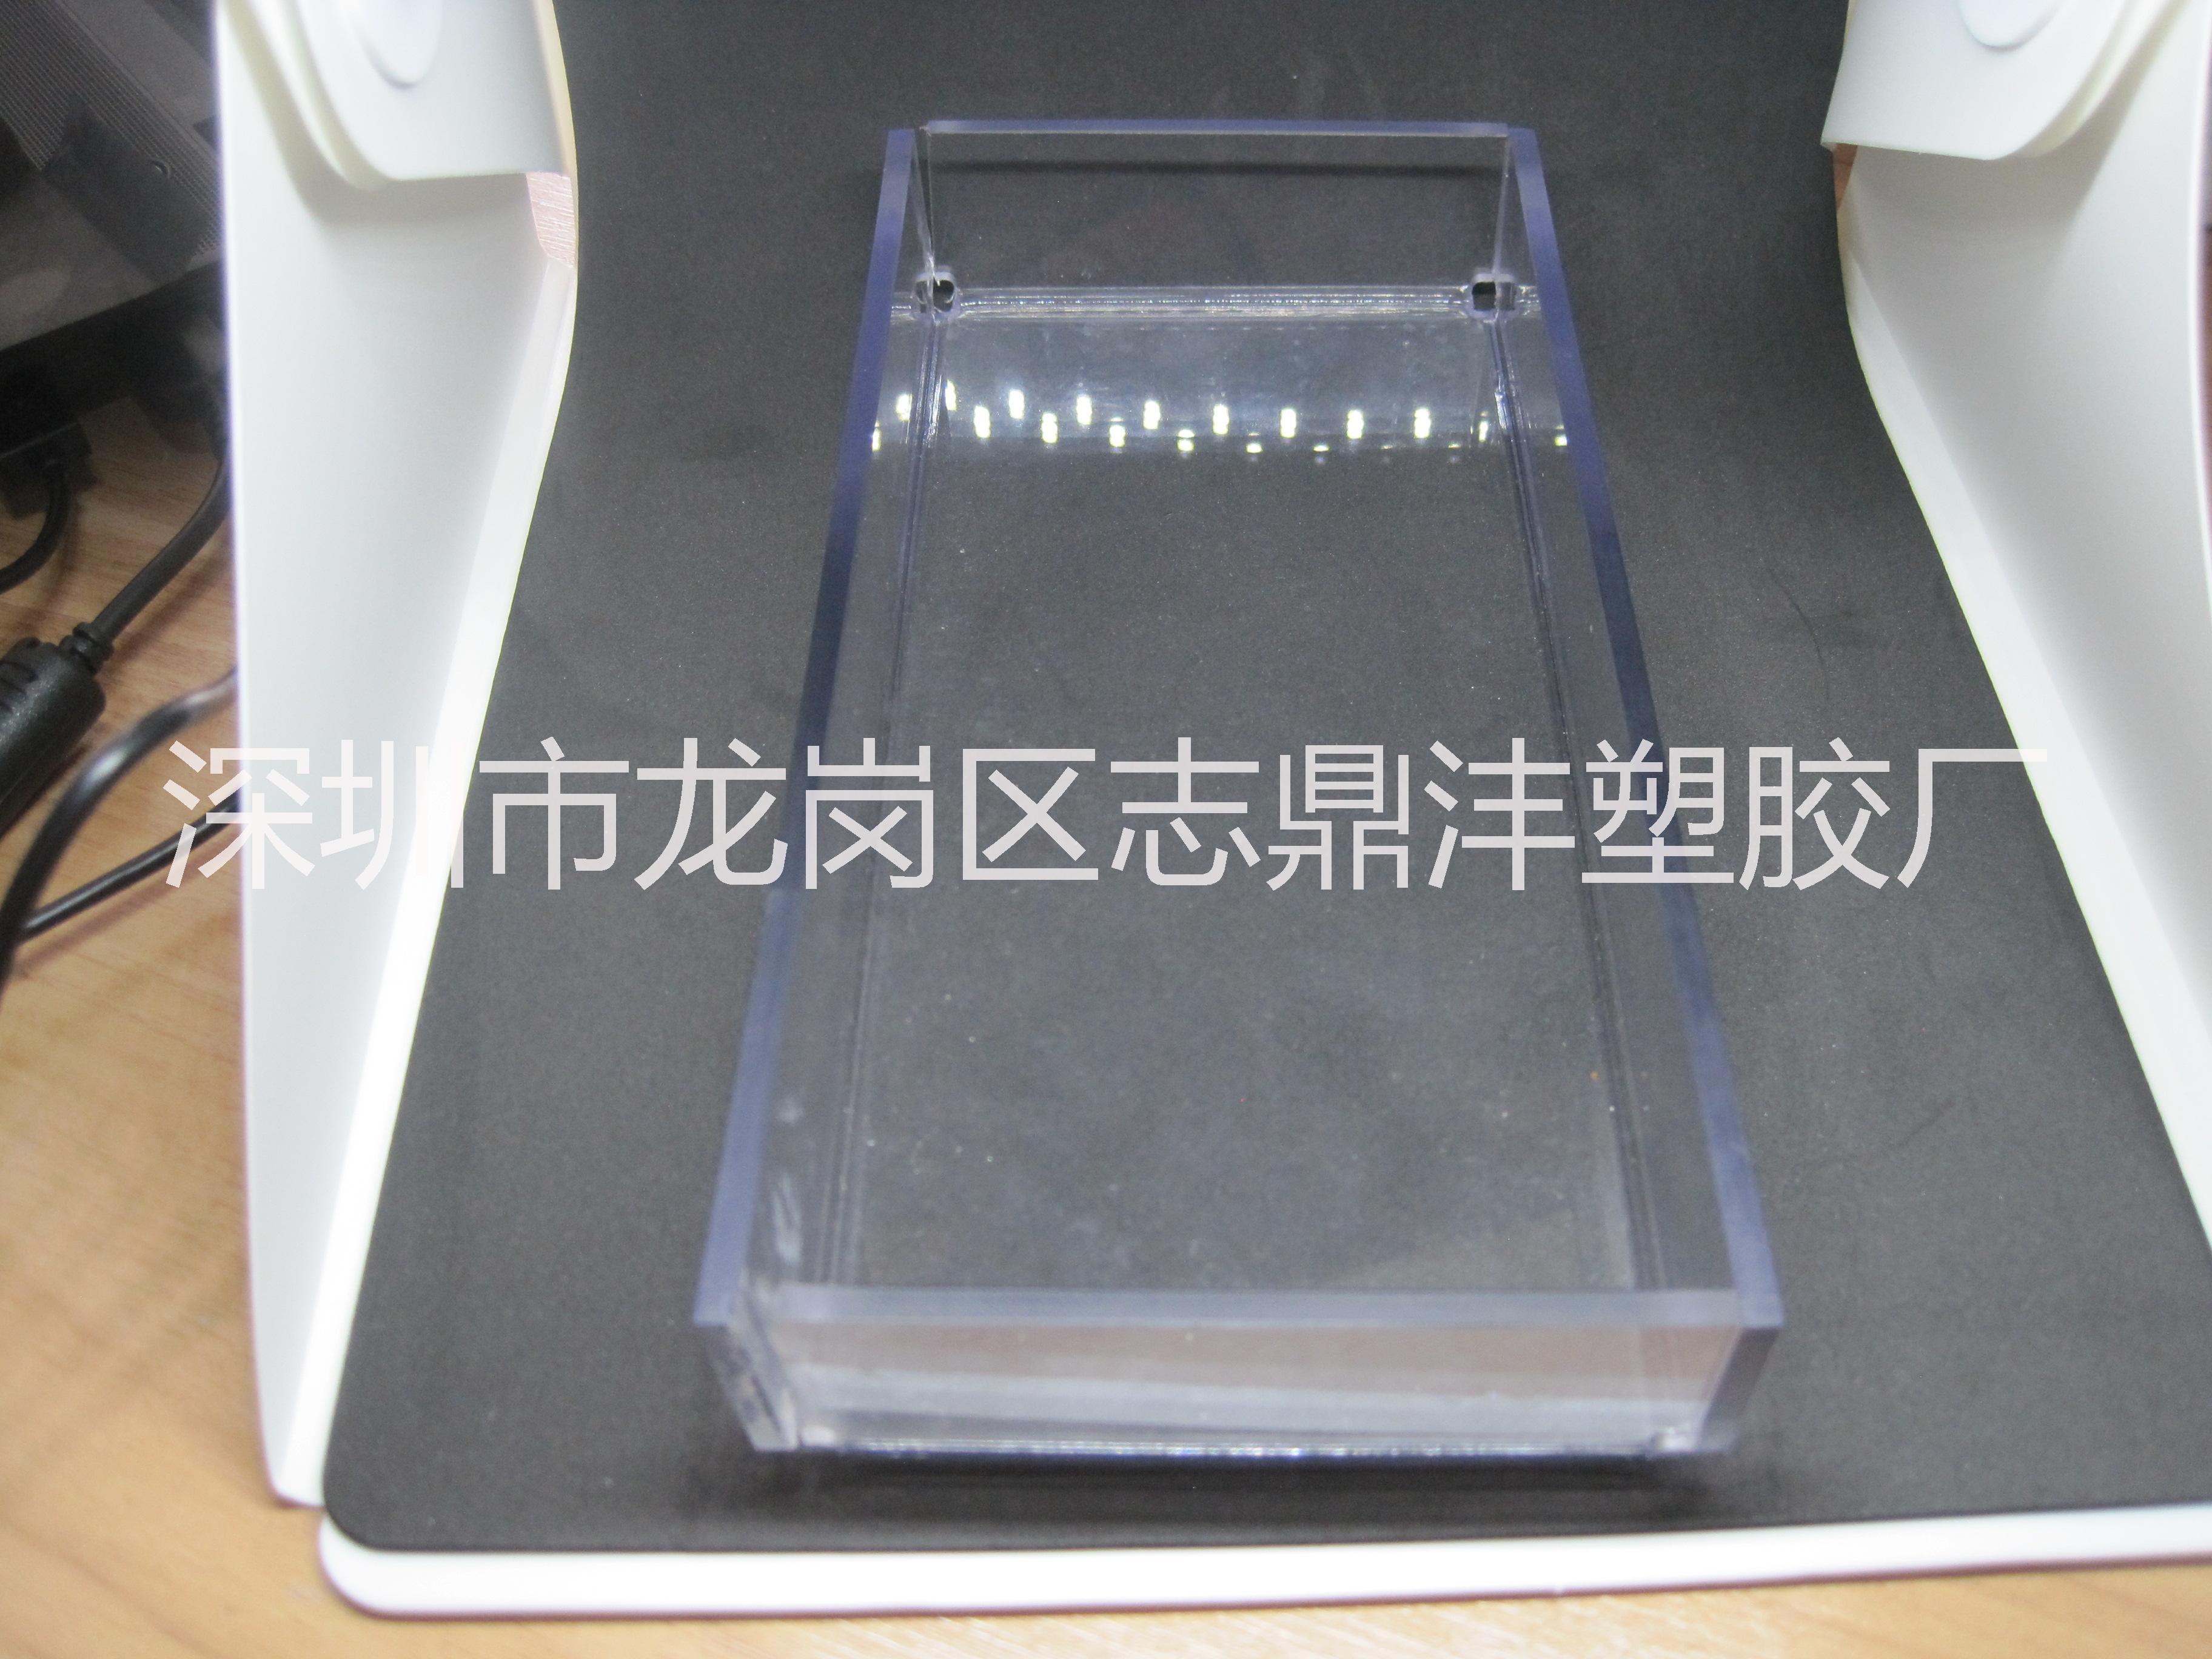 厂家提供GE进口 、国产 PC机电机械设备面板、视窗罩壳等定制